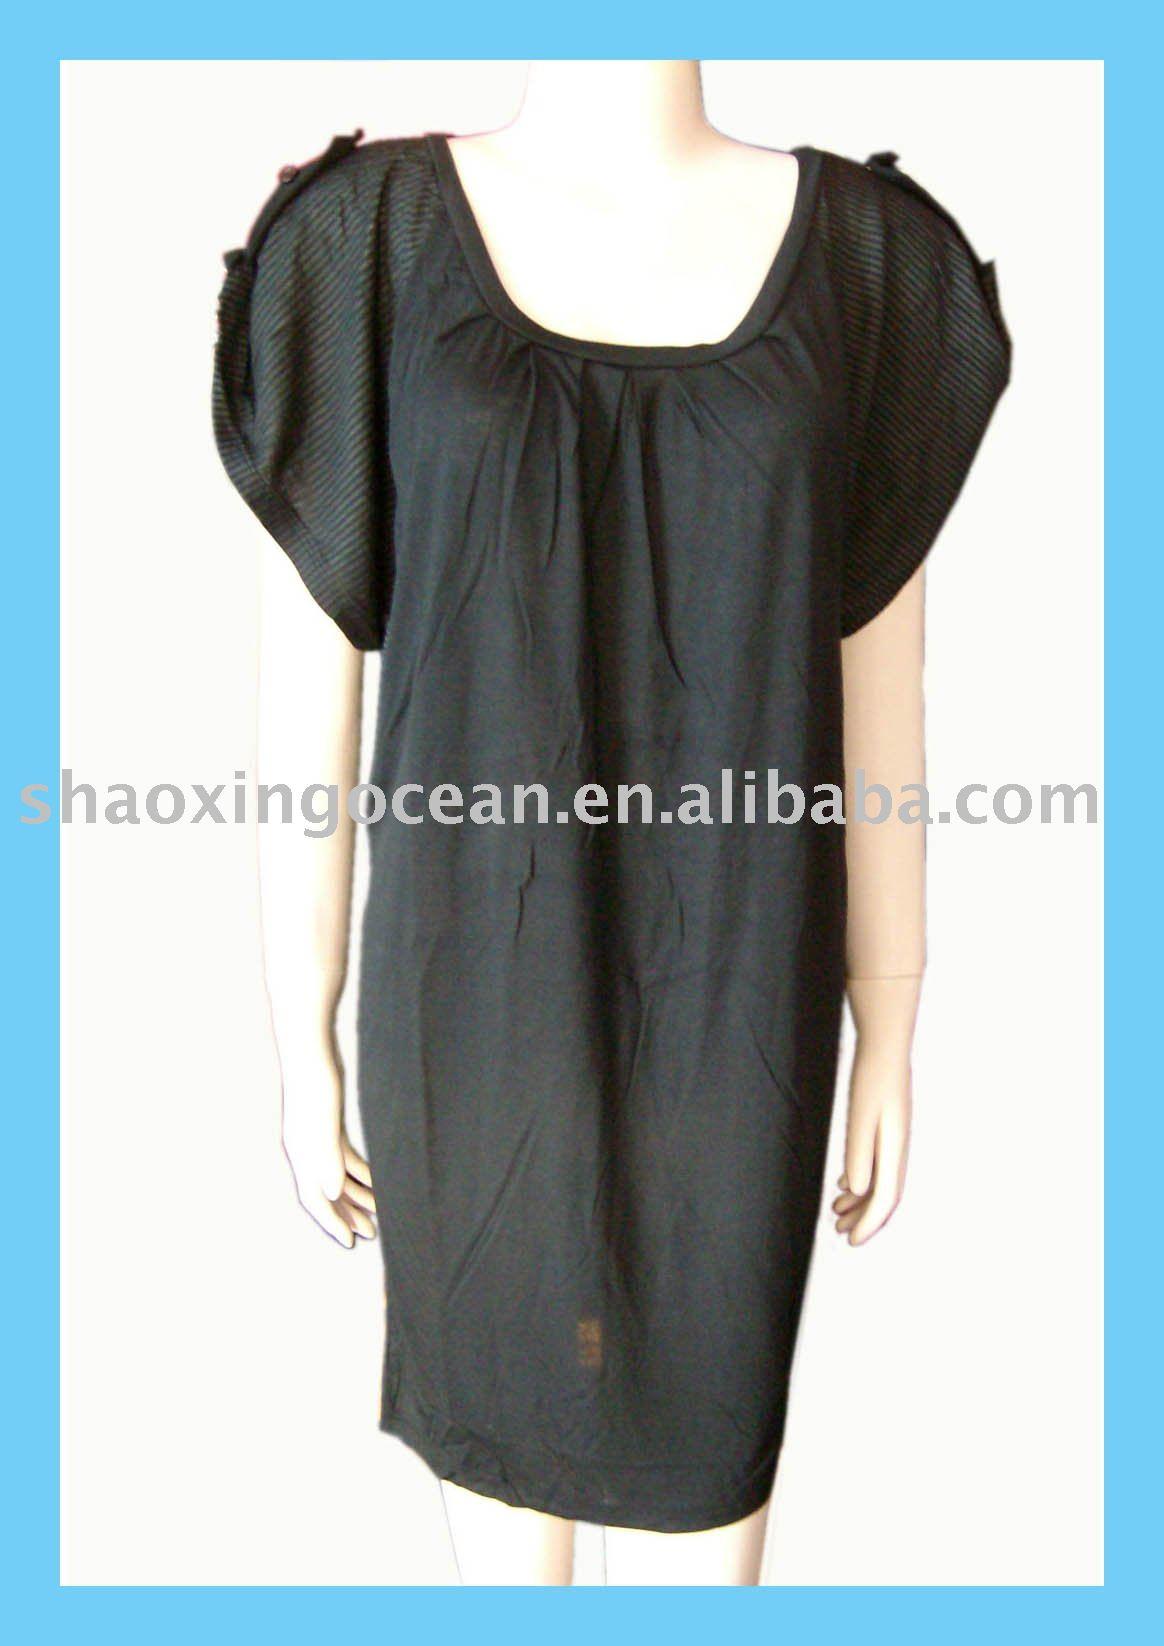 De la señora vestido corto, el vestido de moda